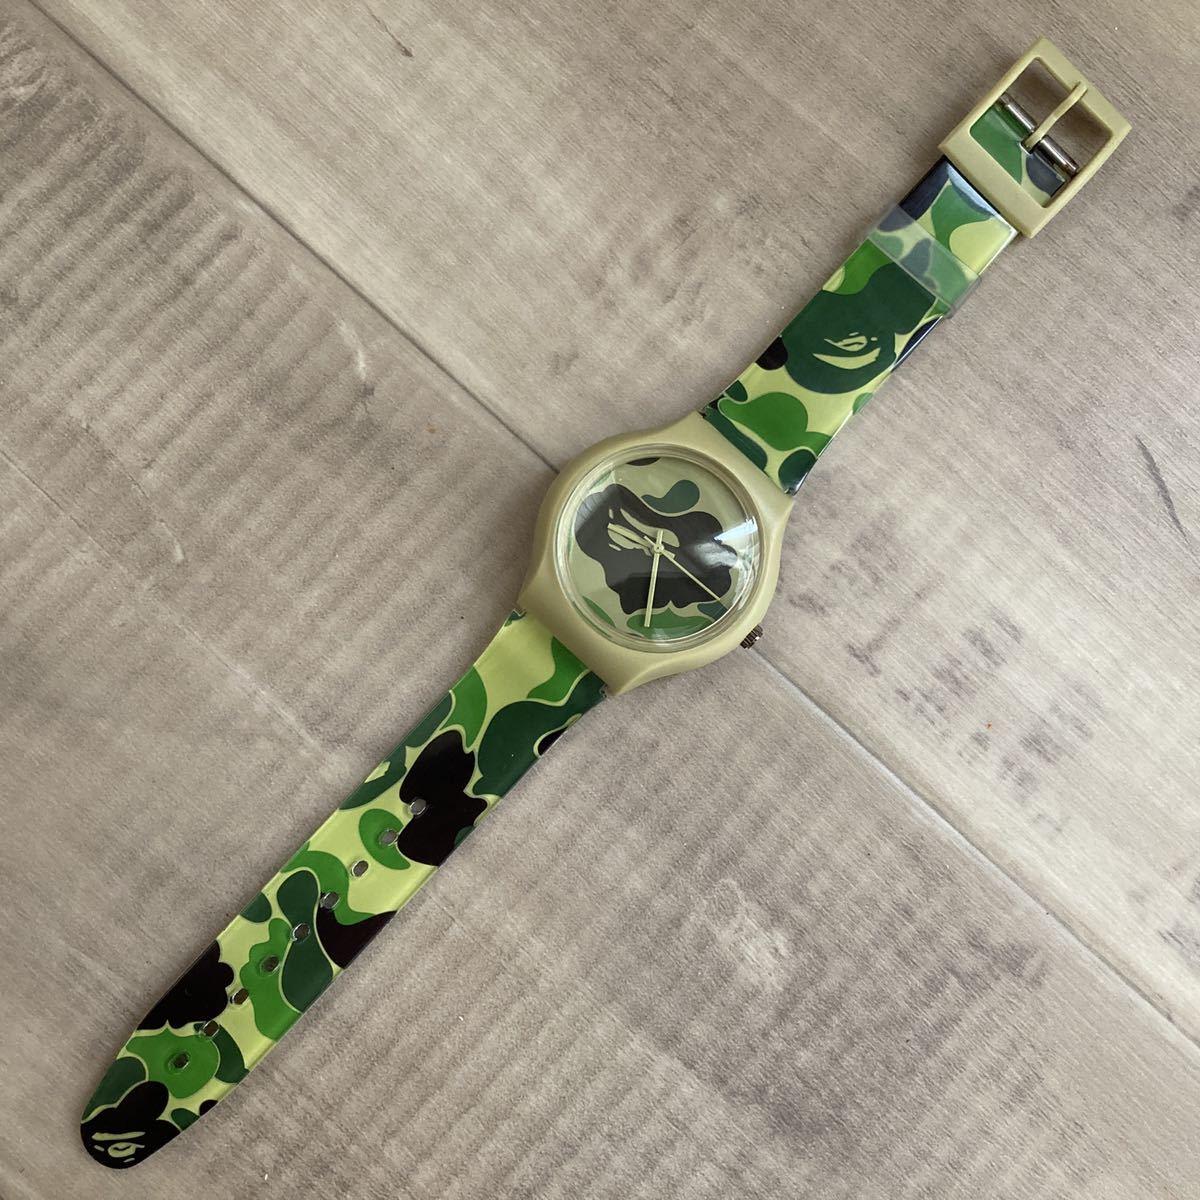 ★新品★ bape camo watch 腕時計 a bathing ape エイプ ベイプ アベイシングエイプ mook limited 迷彩 15da